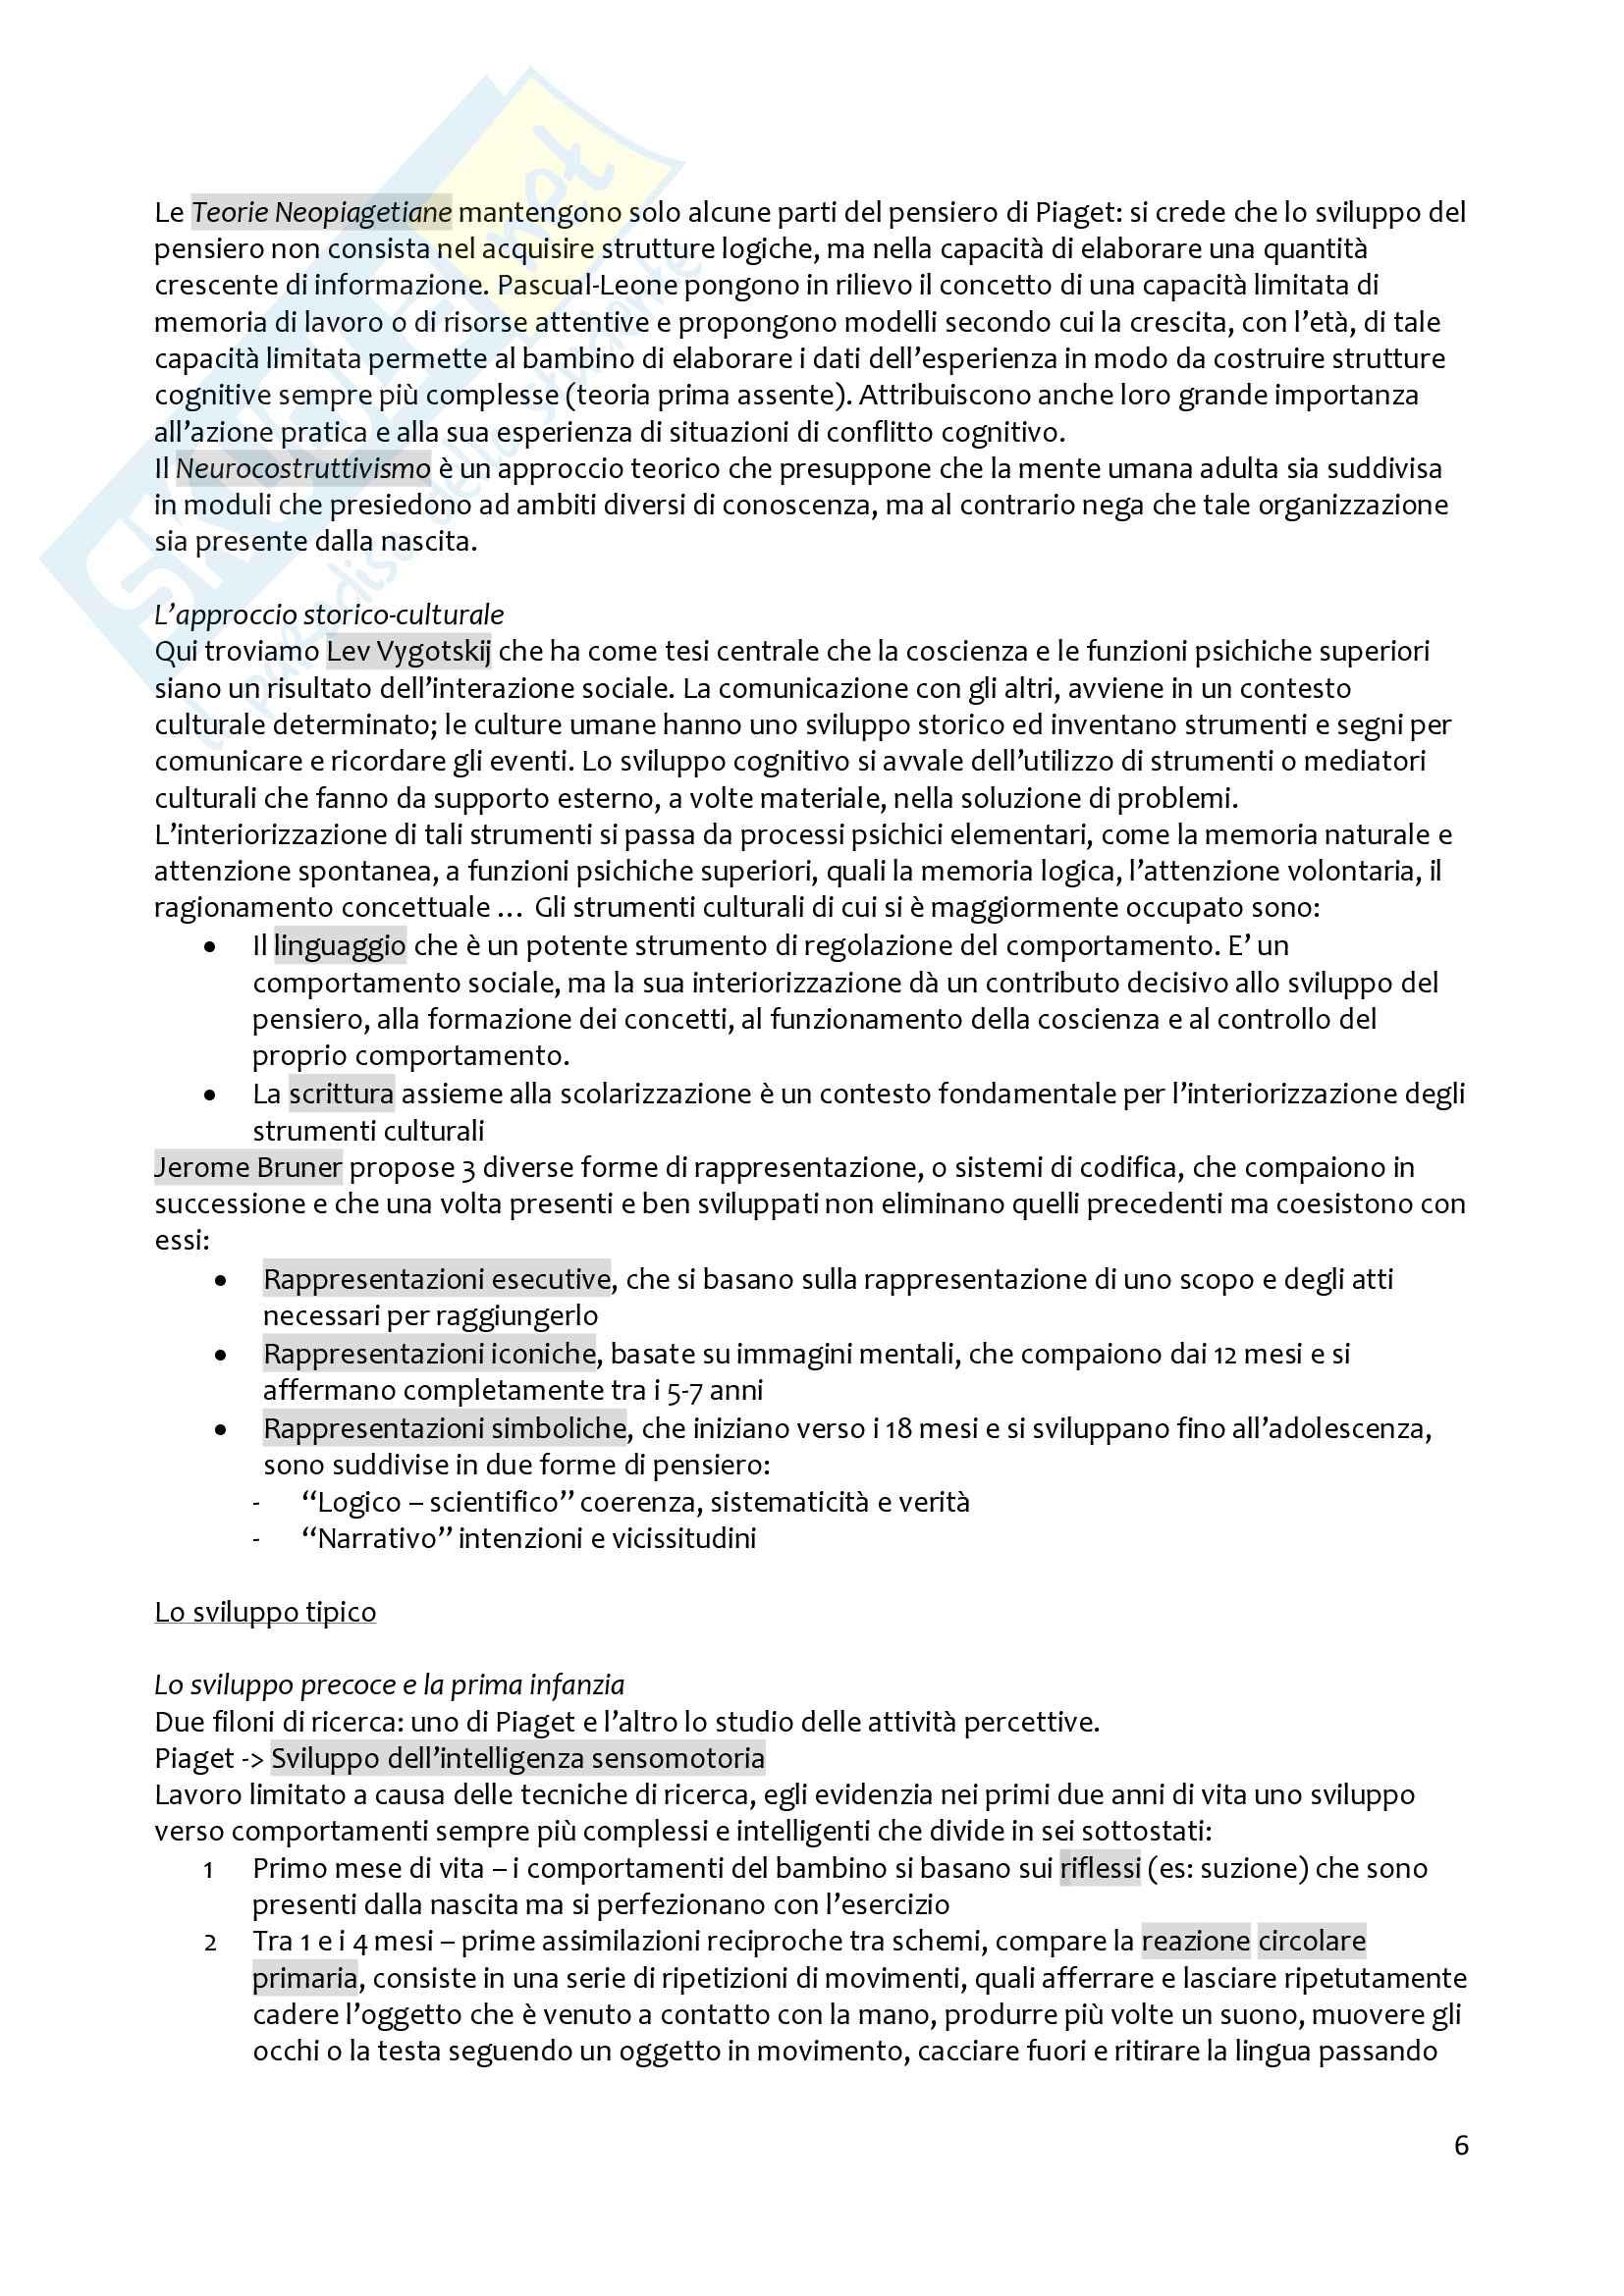 Riassunto esame Psicologia dello sviluppo, prof. Raccanello, libro consigliato Manuale di Psicologia dello Sviluppo, Barone L. (2009) Pag. 6